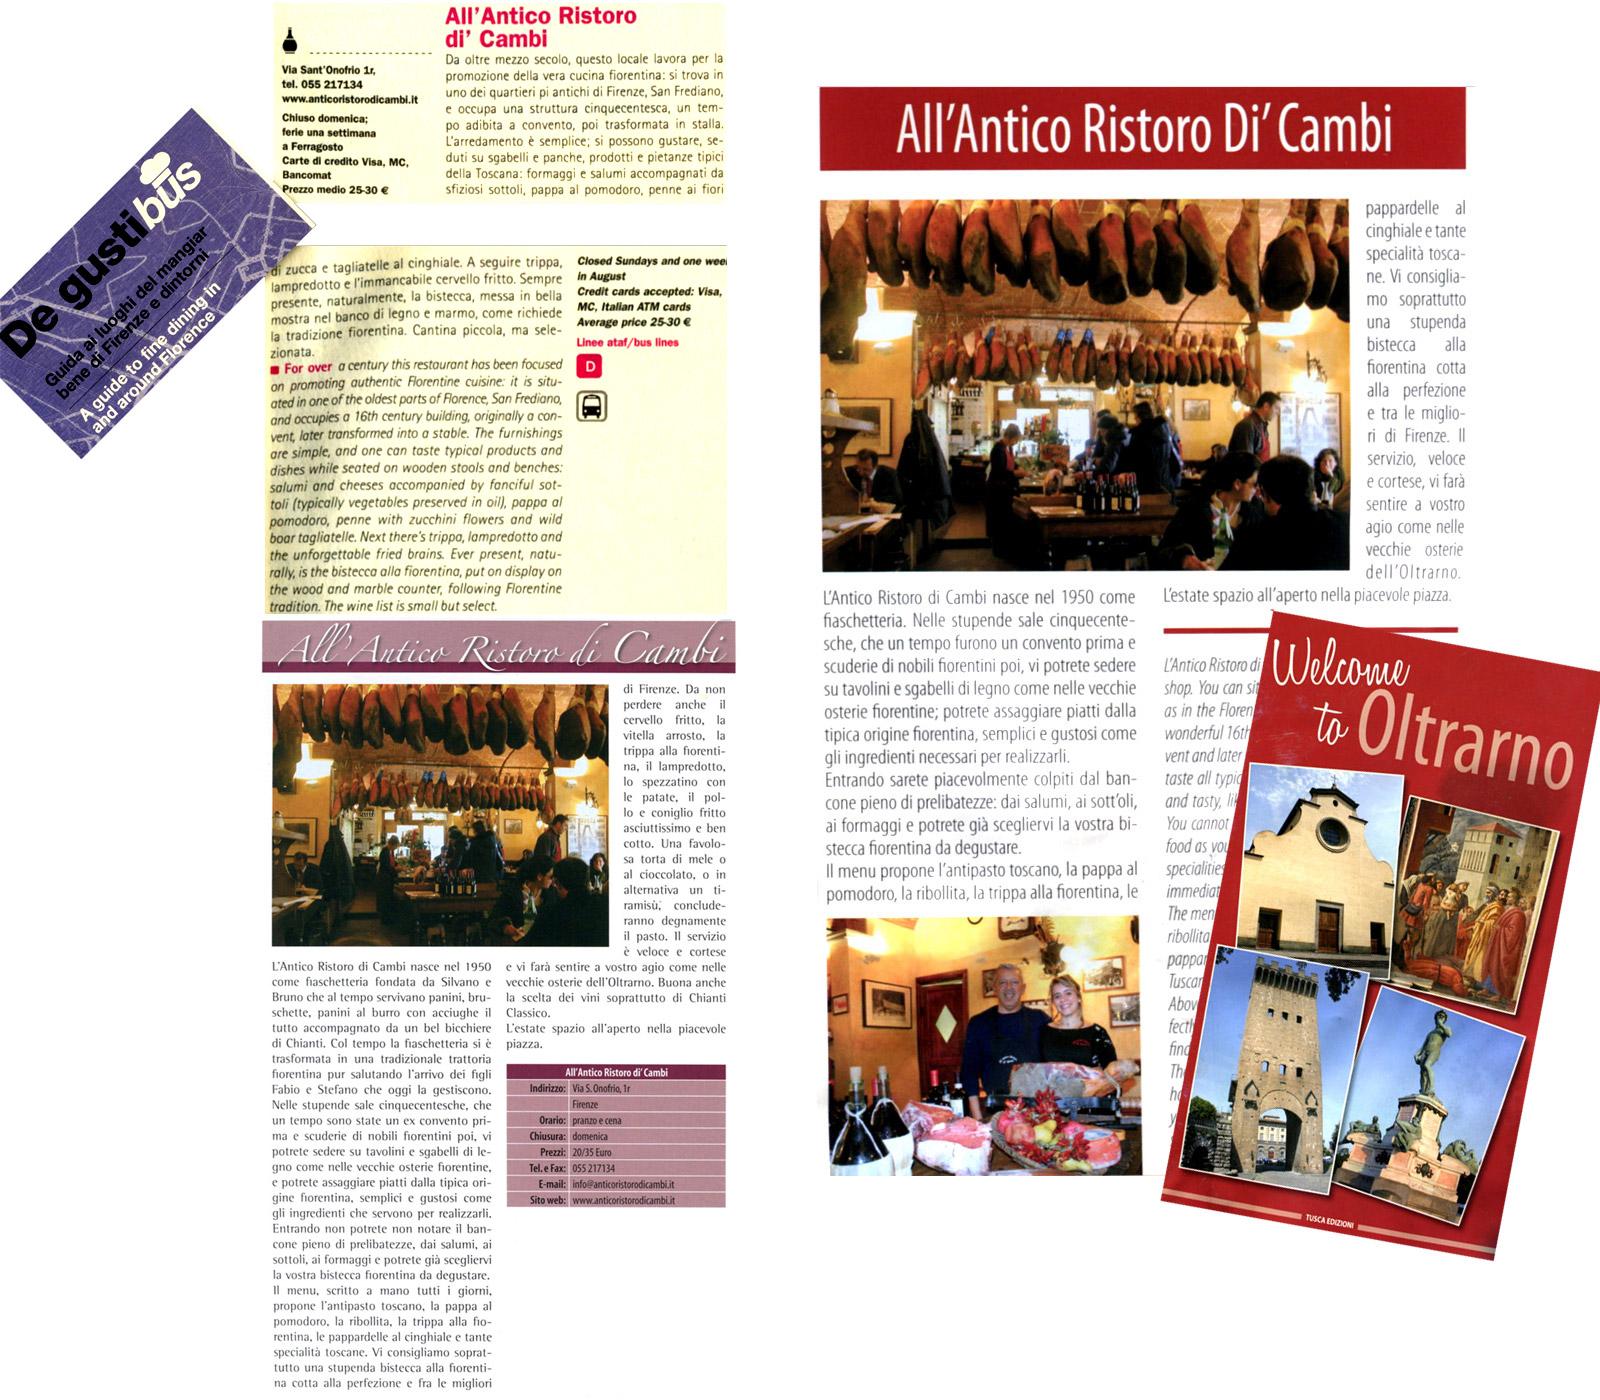 Real Tuscany - Antico Ristoro di\' Cambi